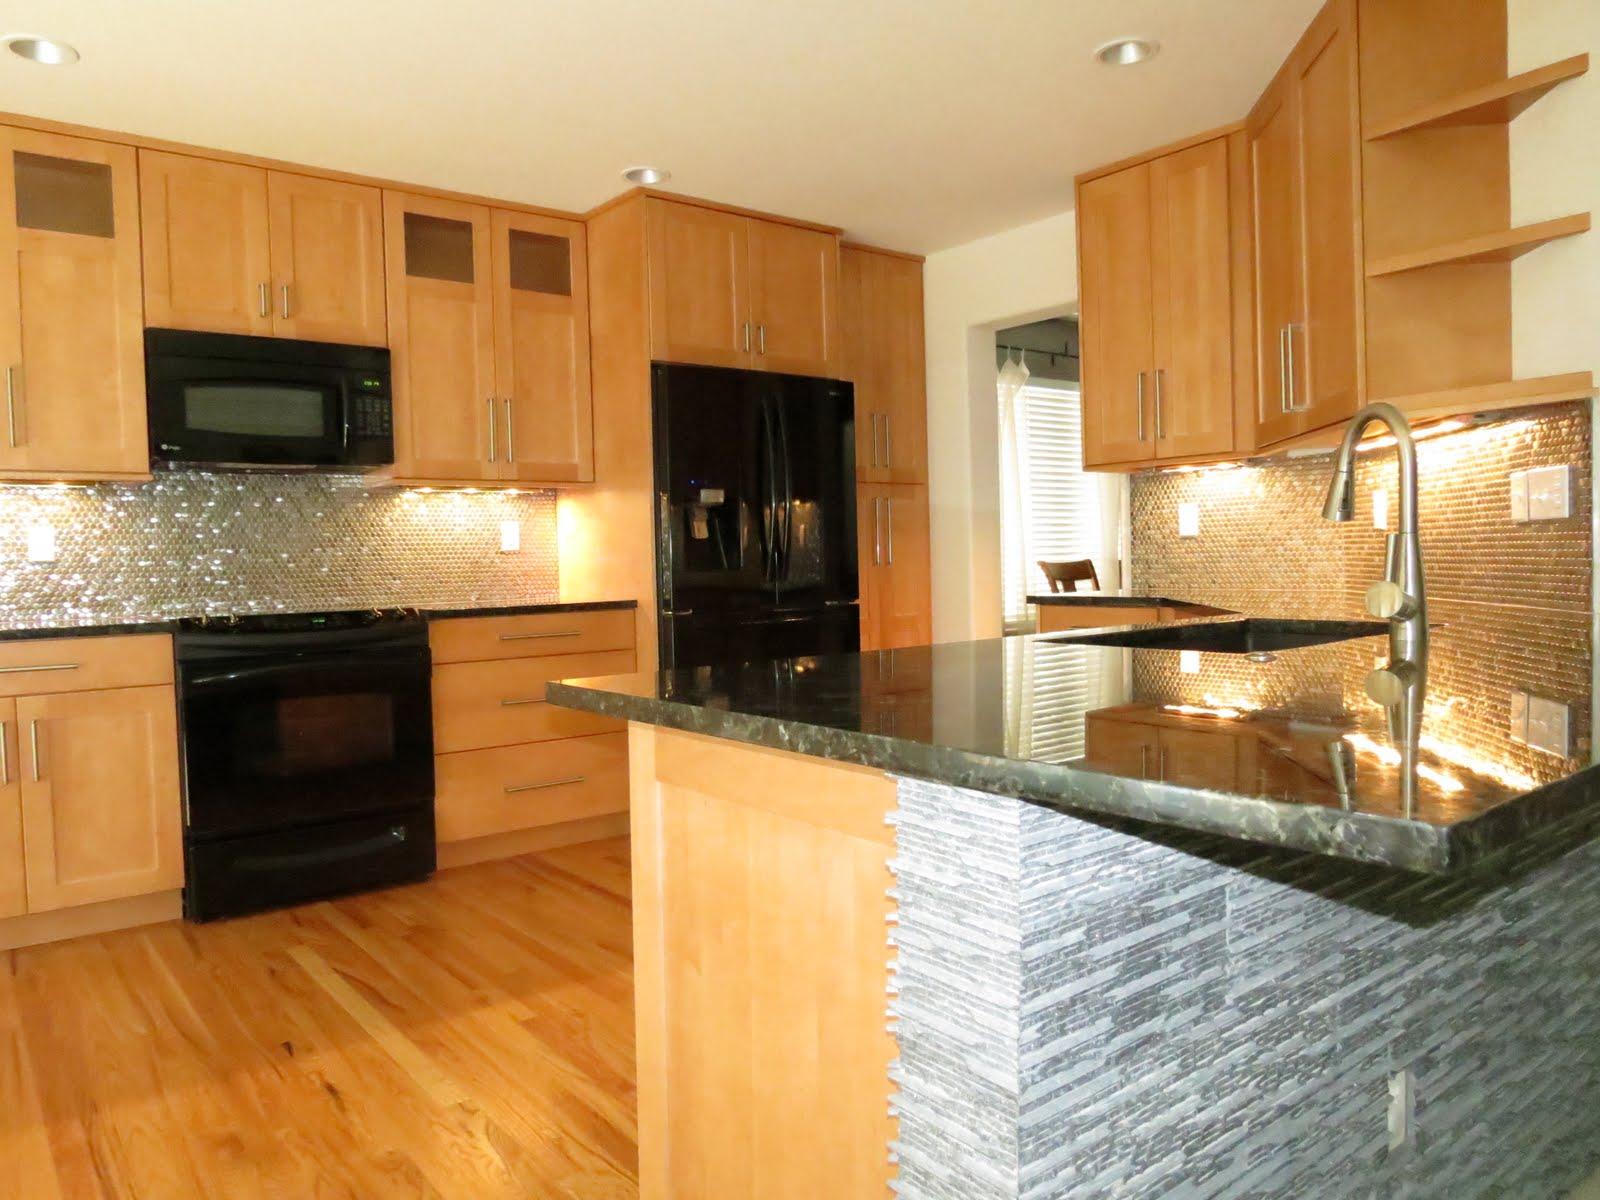 KC Cabinetry Design and Renovation: Sleek Kitchen Design ... on Backsplash For Maple Cabinets  id=42550